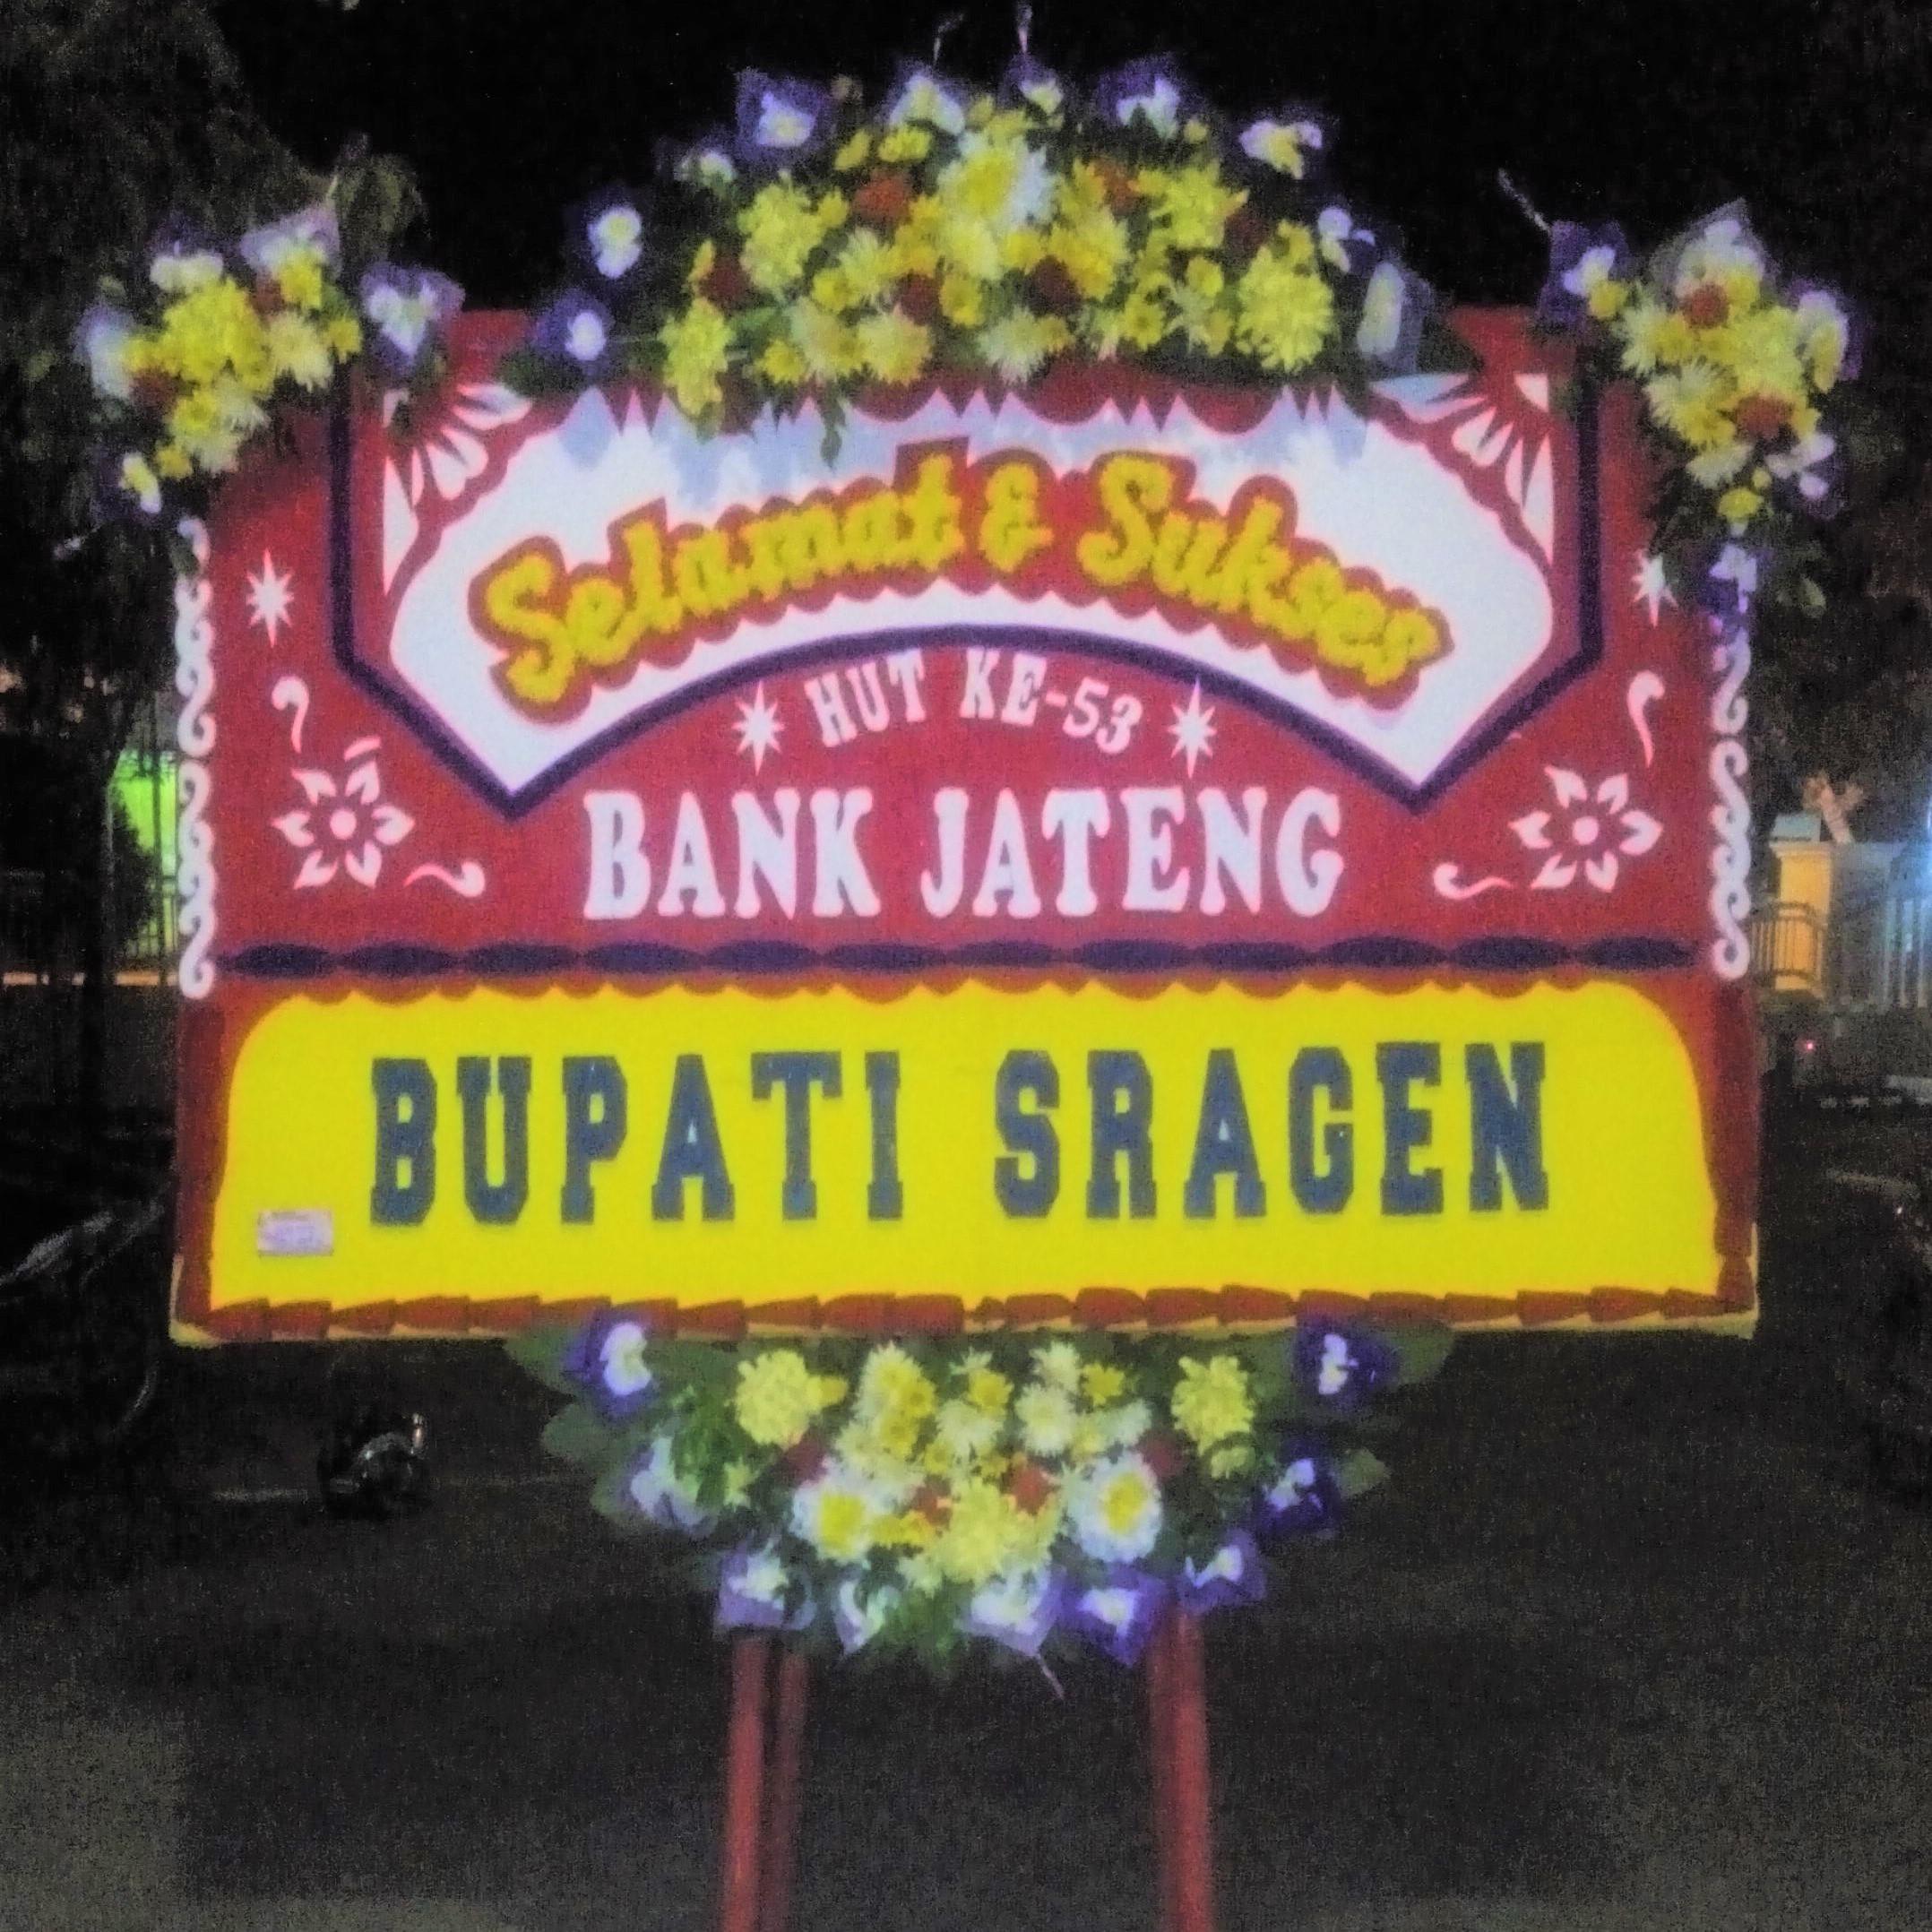 gambar papan ucapan selamat bank jateng di toko bunga dari bupati sragen ibu yuni sukowati